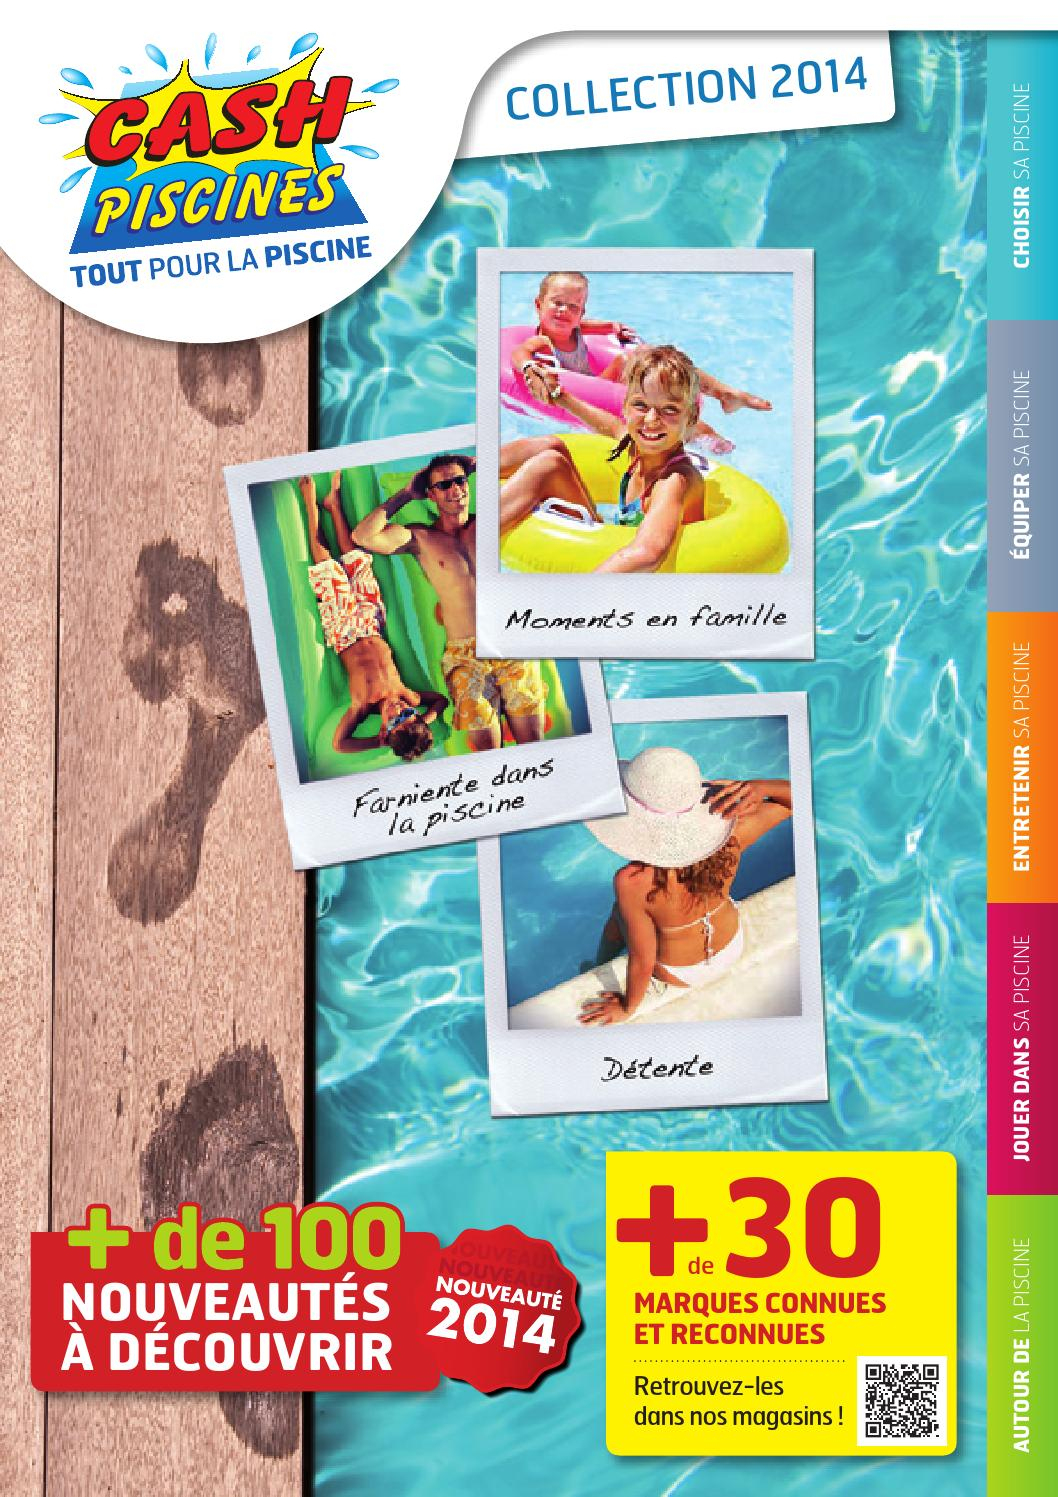 Cash Piscines Catalogue 2014 By Octave Octave - Issuu avec Cash Piscine Beziers